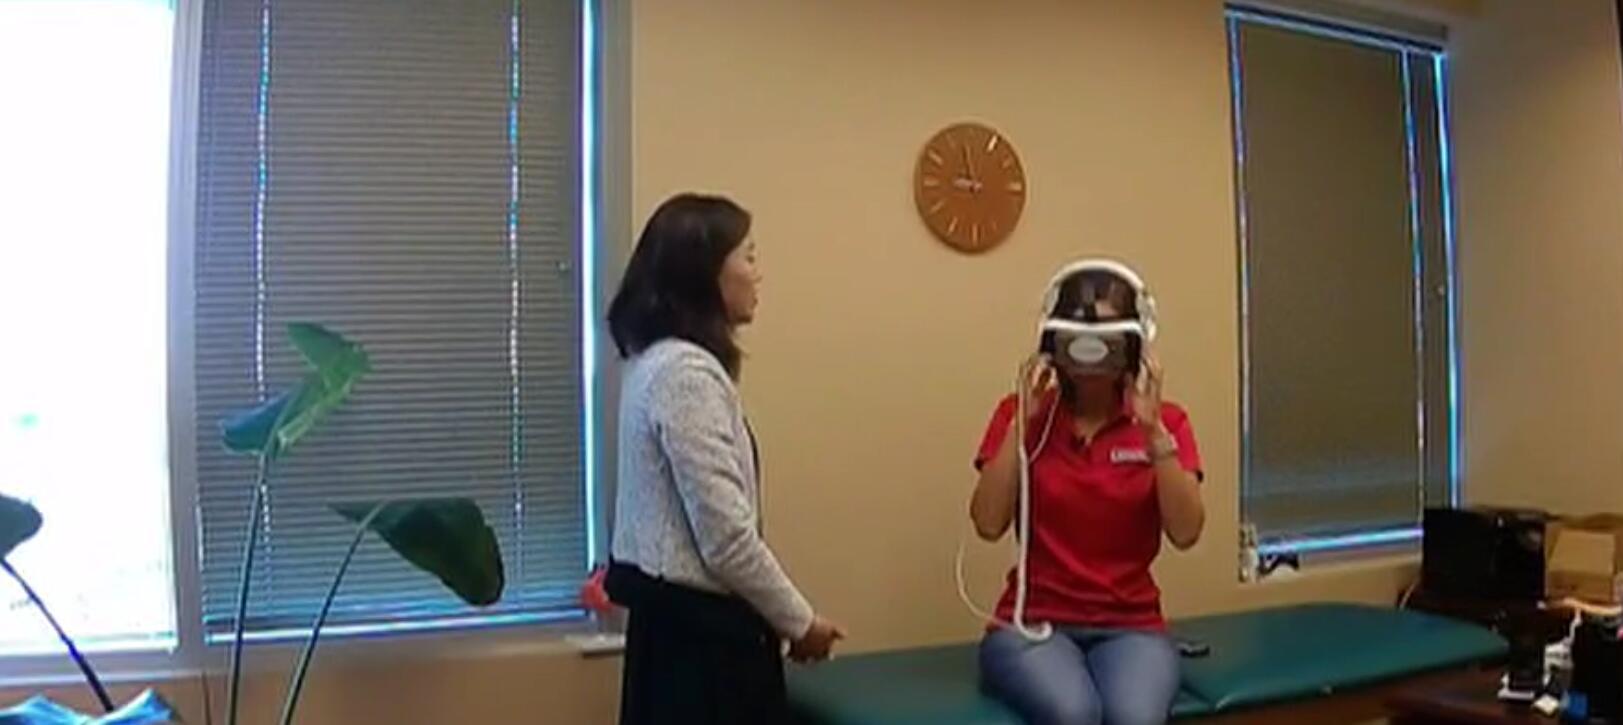 用VR帮病人减轻痛苦